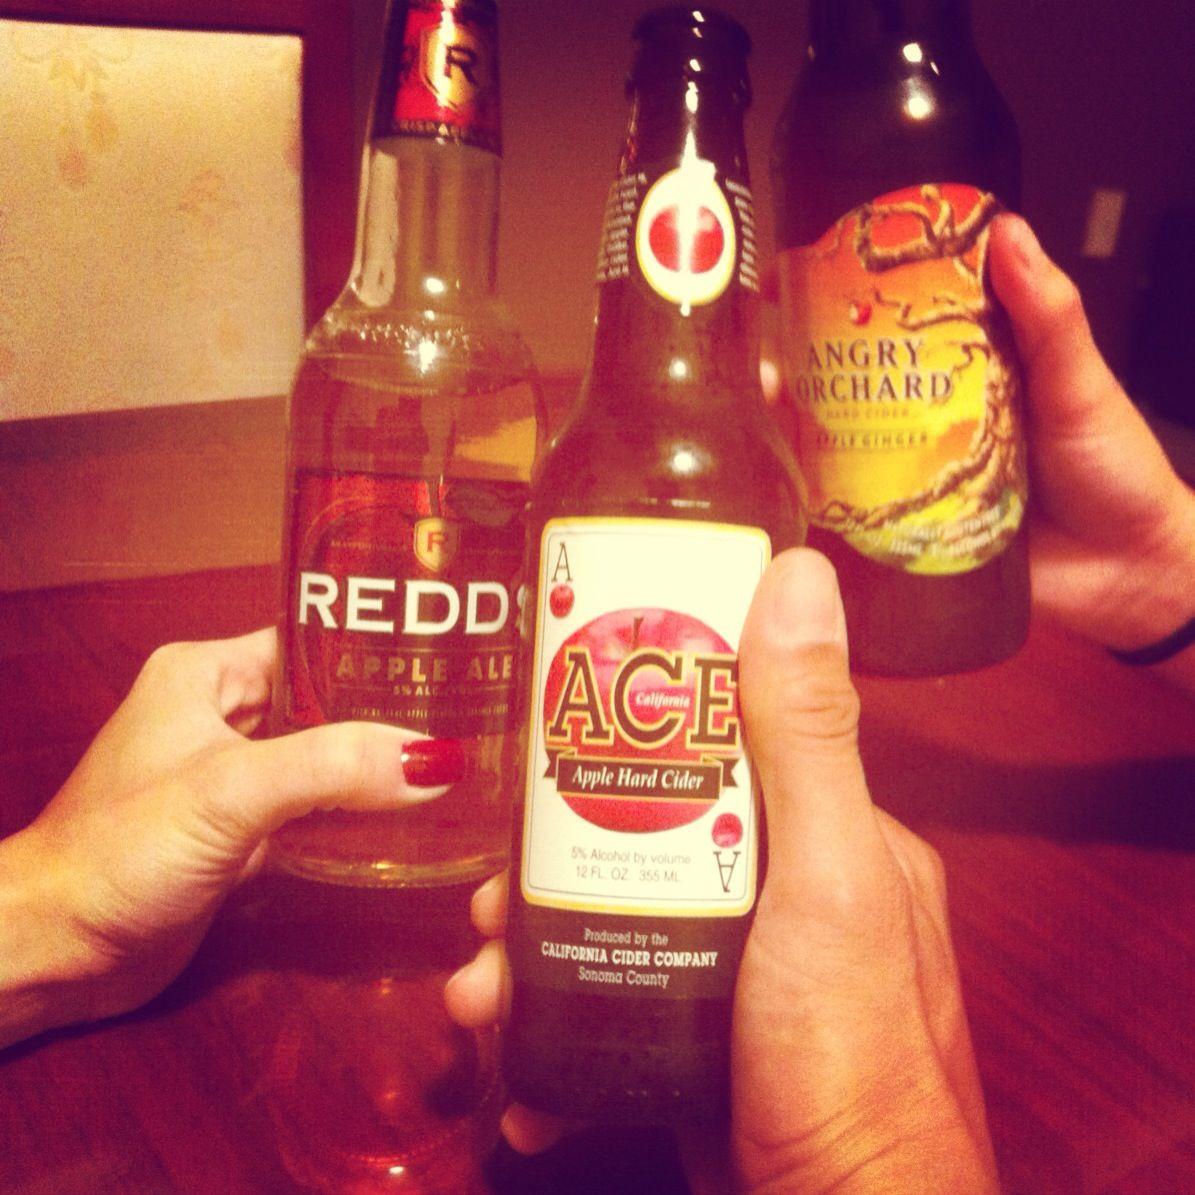 More apple cider beer!